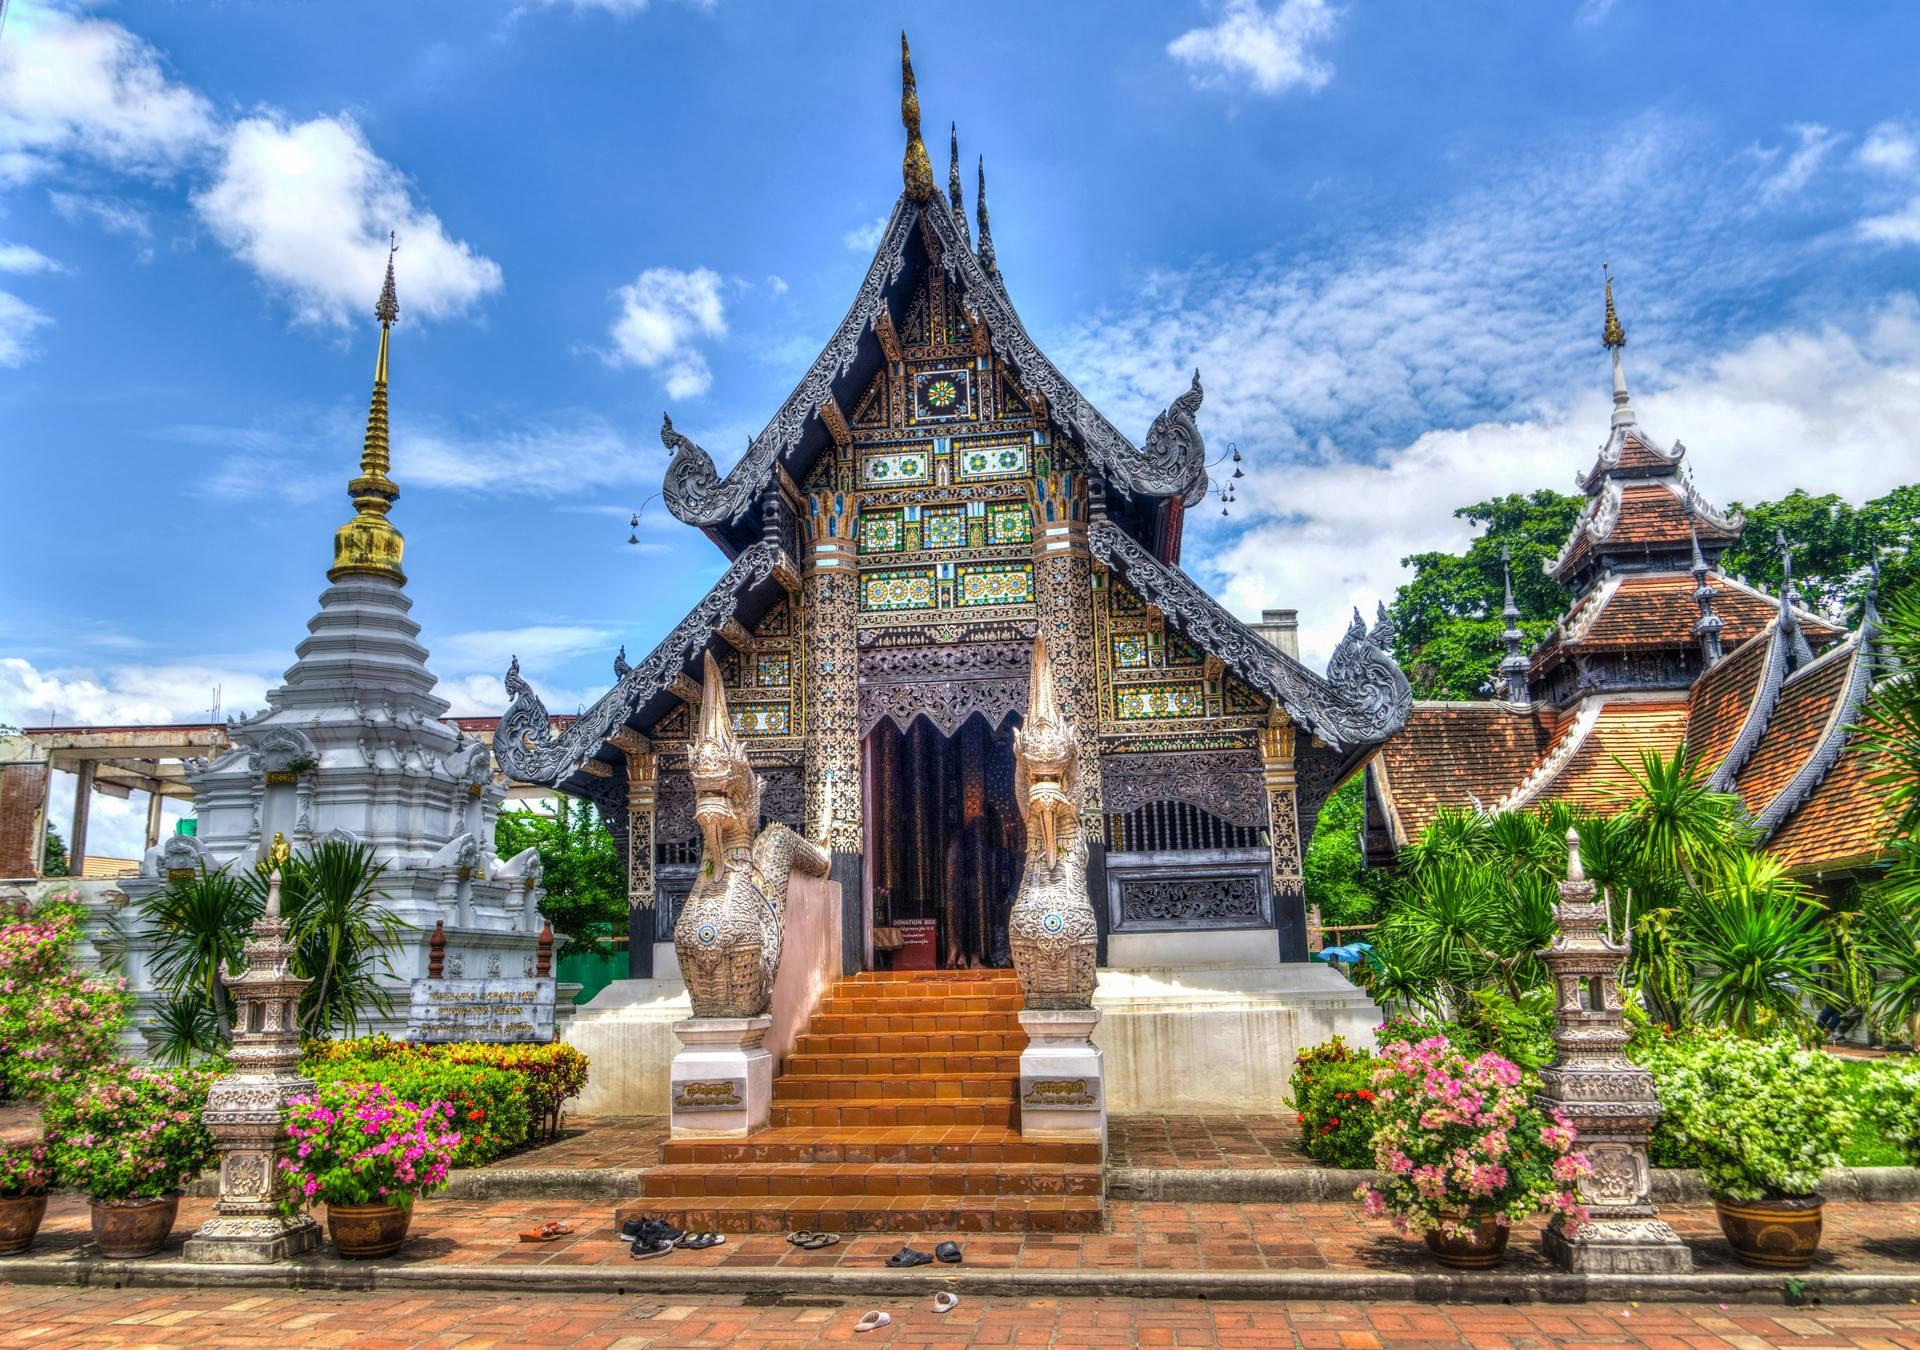 泰国·清迈+大象训练营+双龙寺·5天4晚